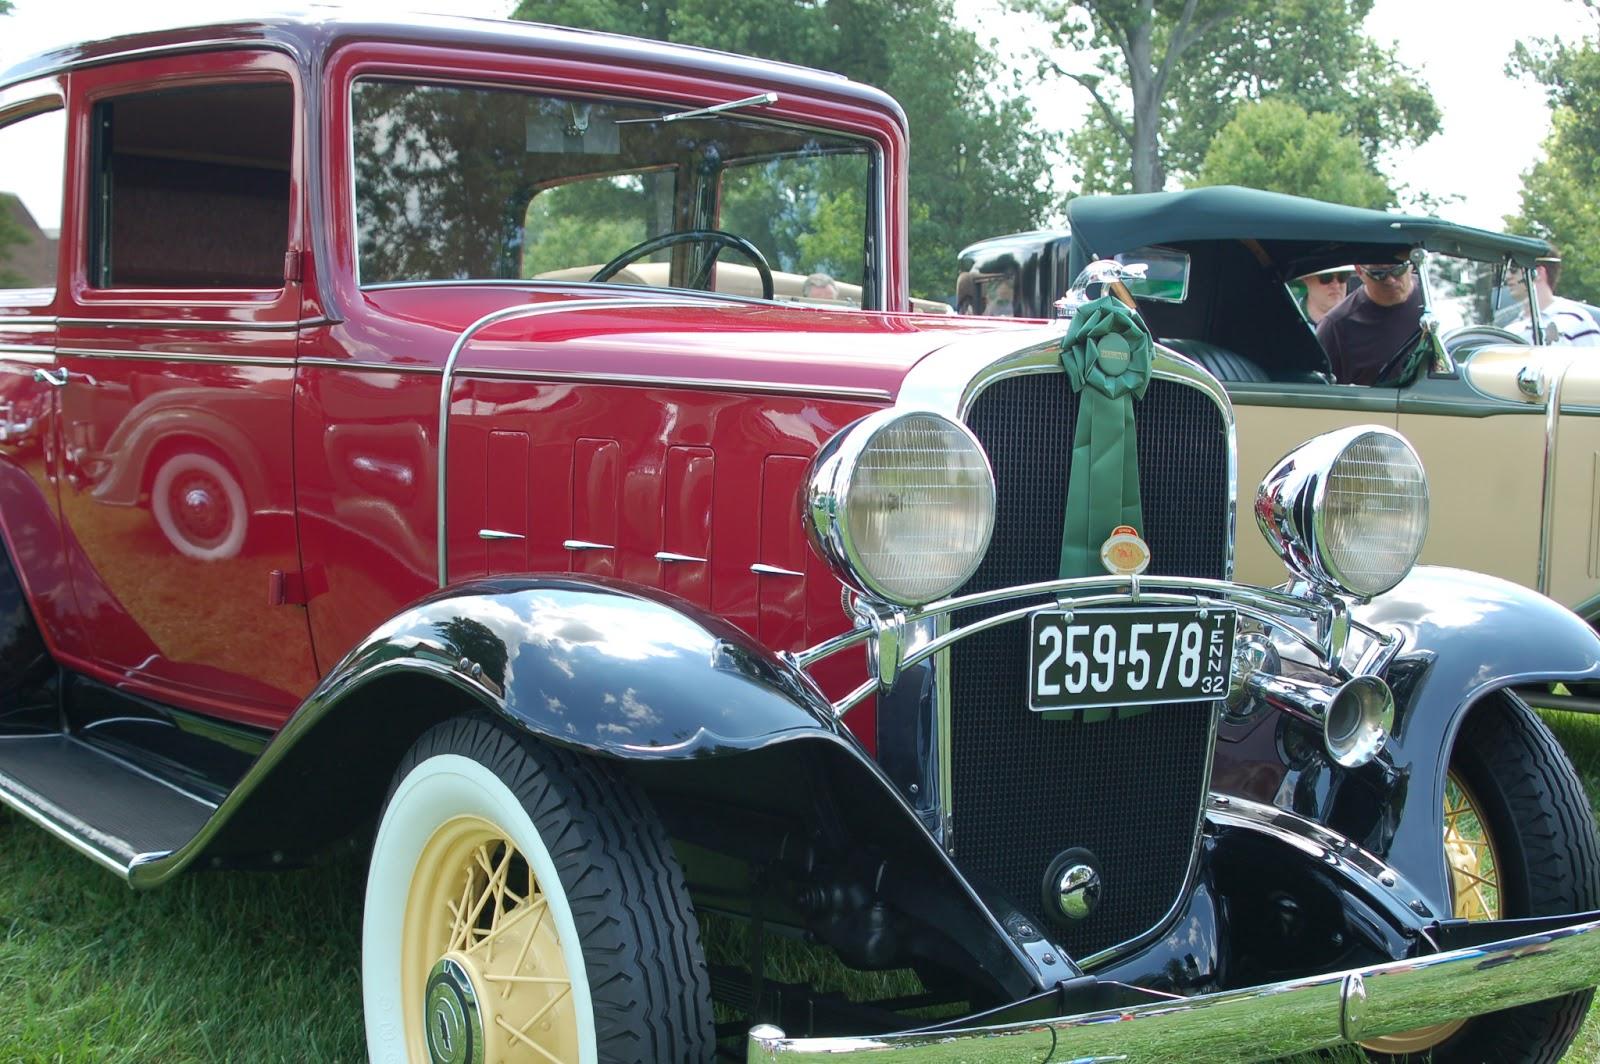 Turnerbudds Car Blog: Vintage Cars at Keenland